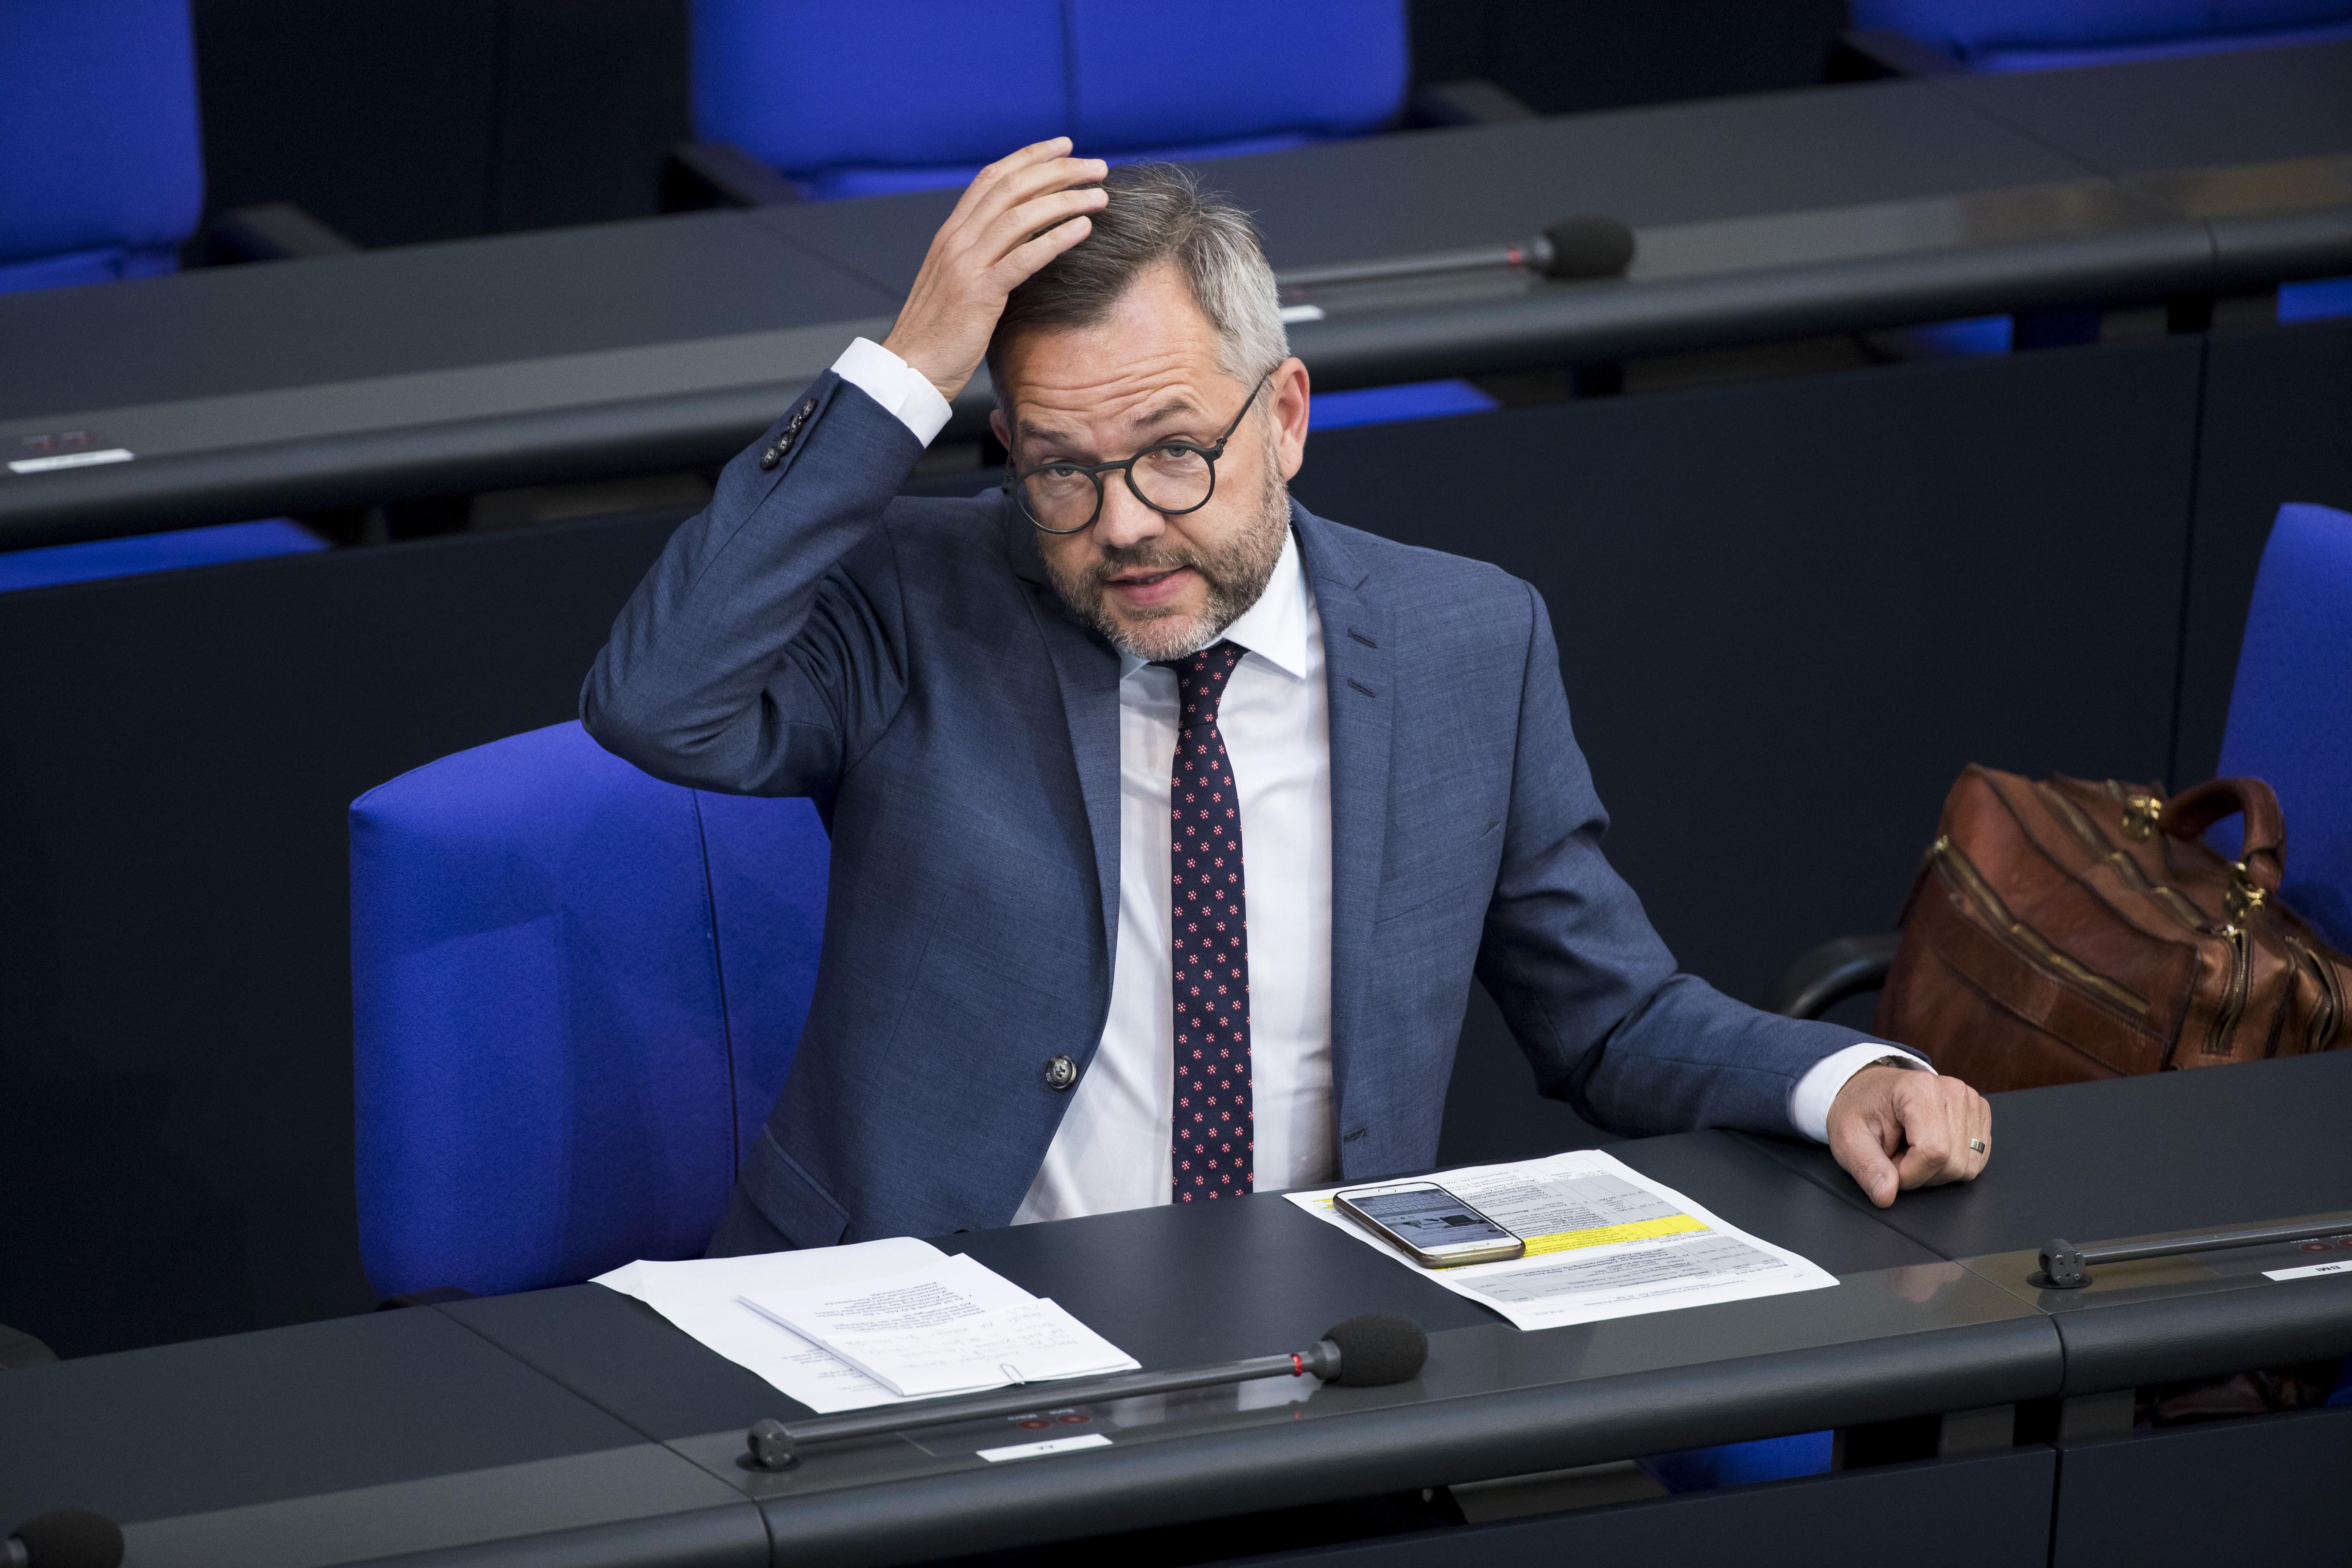 A német kormány ragaszkodik azokhoz az EU-s eljárásokhoz, amiket a magyar parlament elutasított